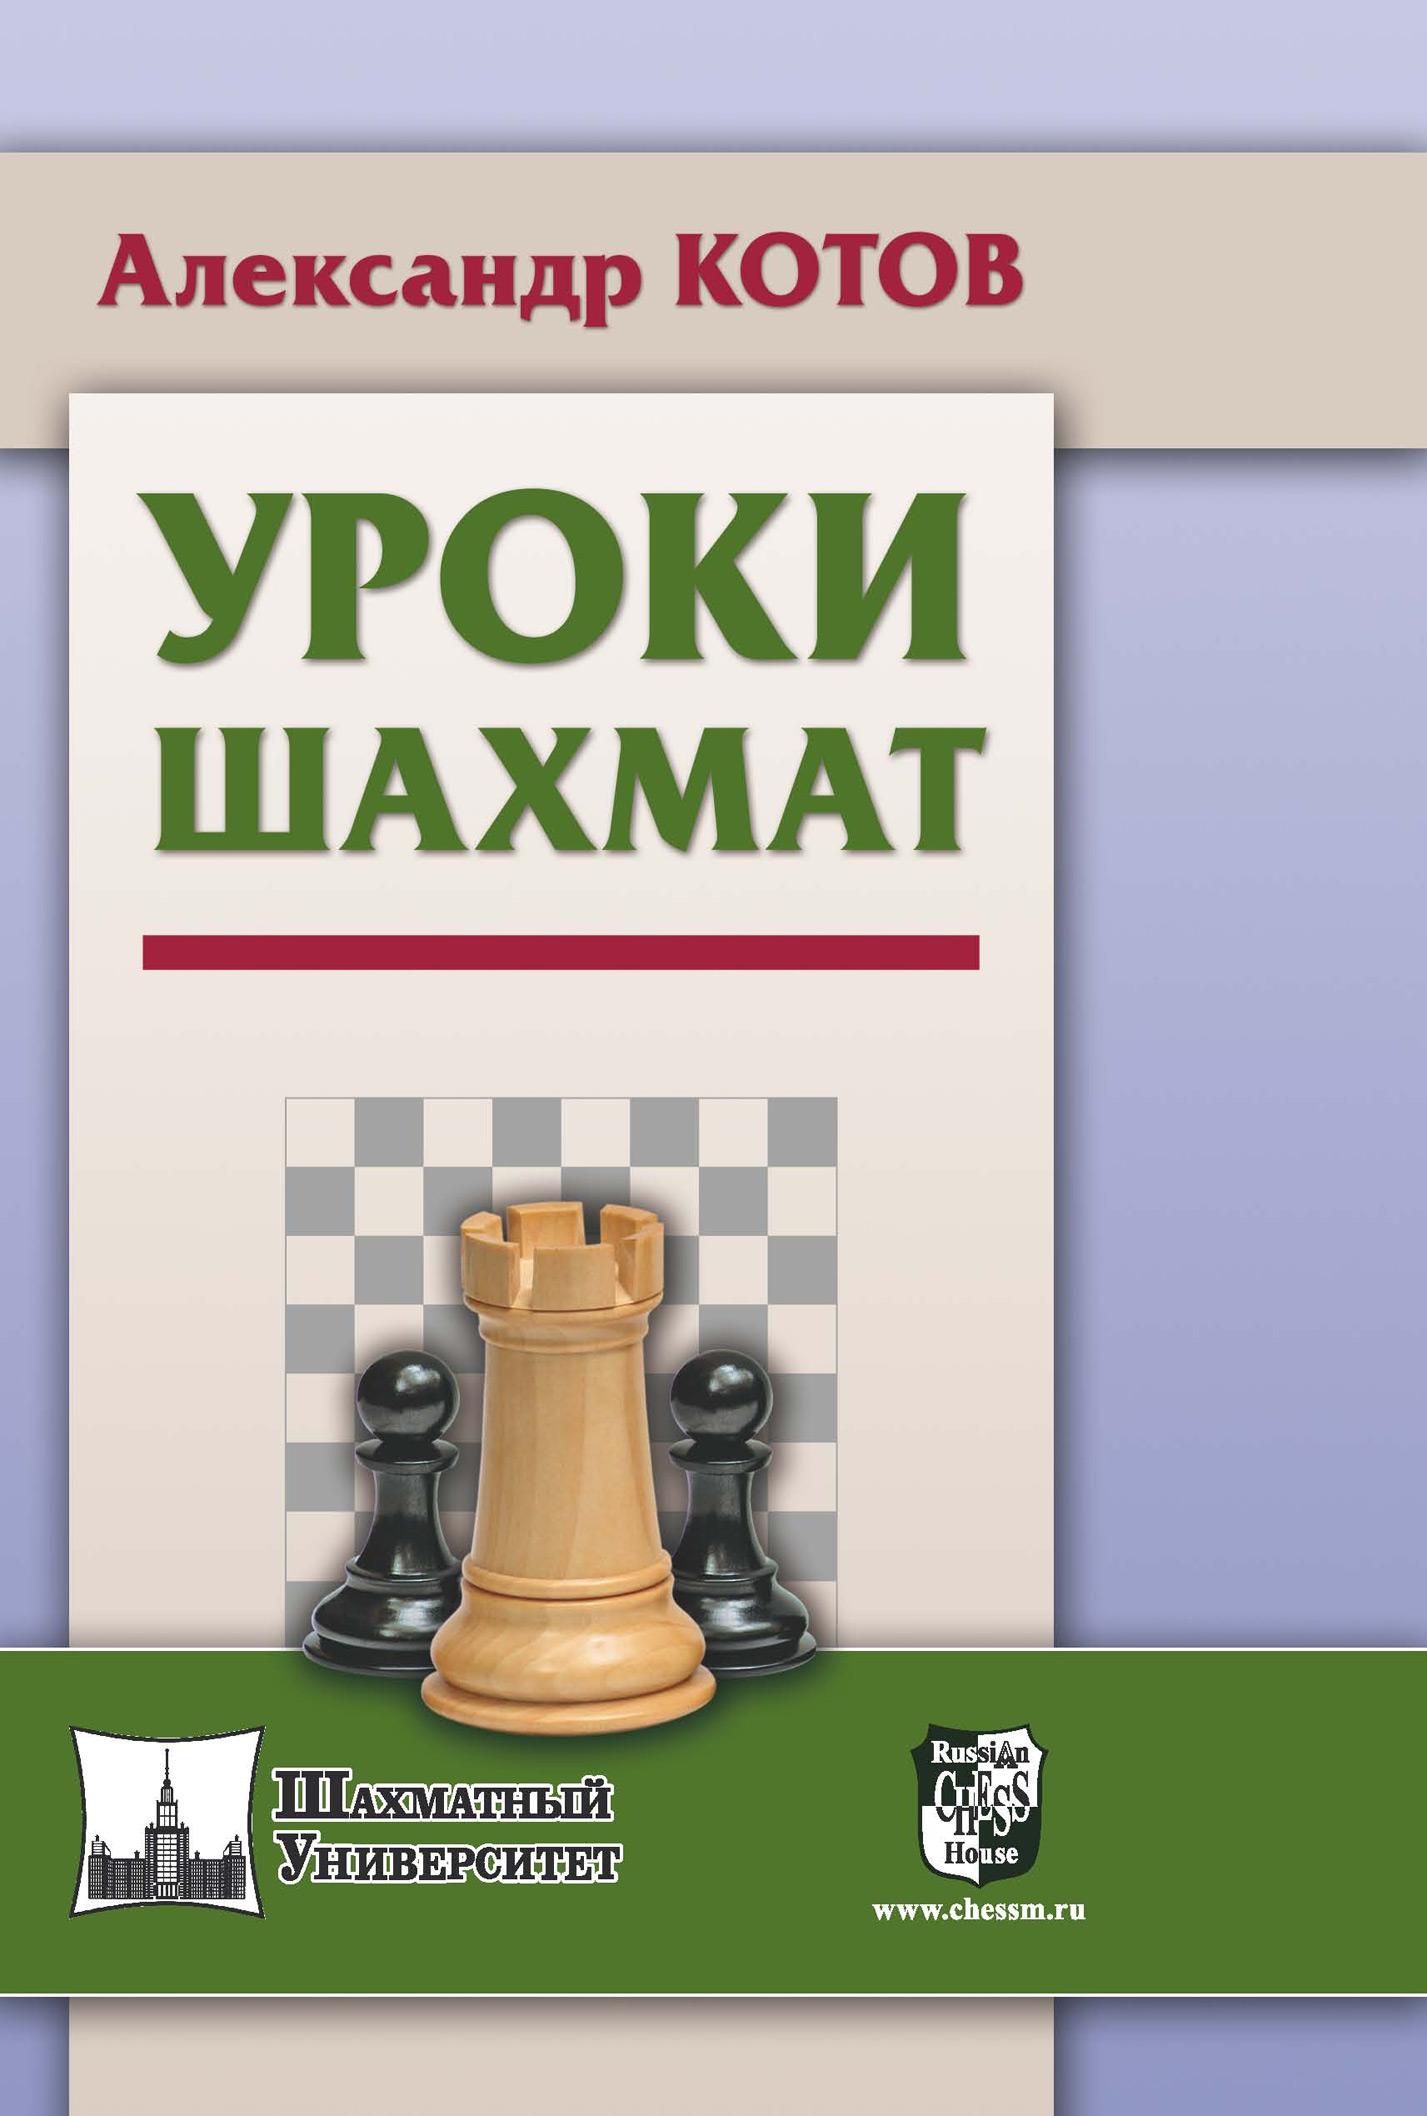 Александр Котов Уроки шахмат